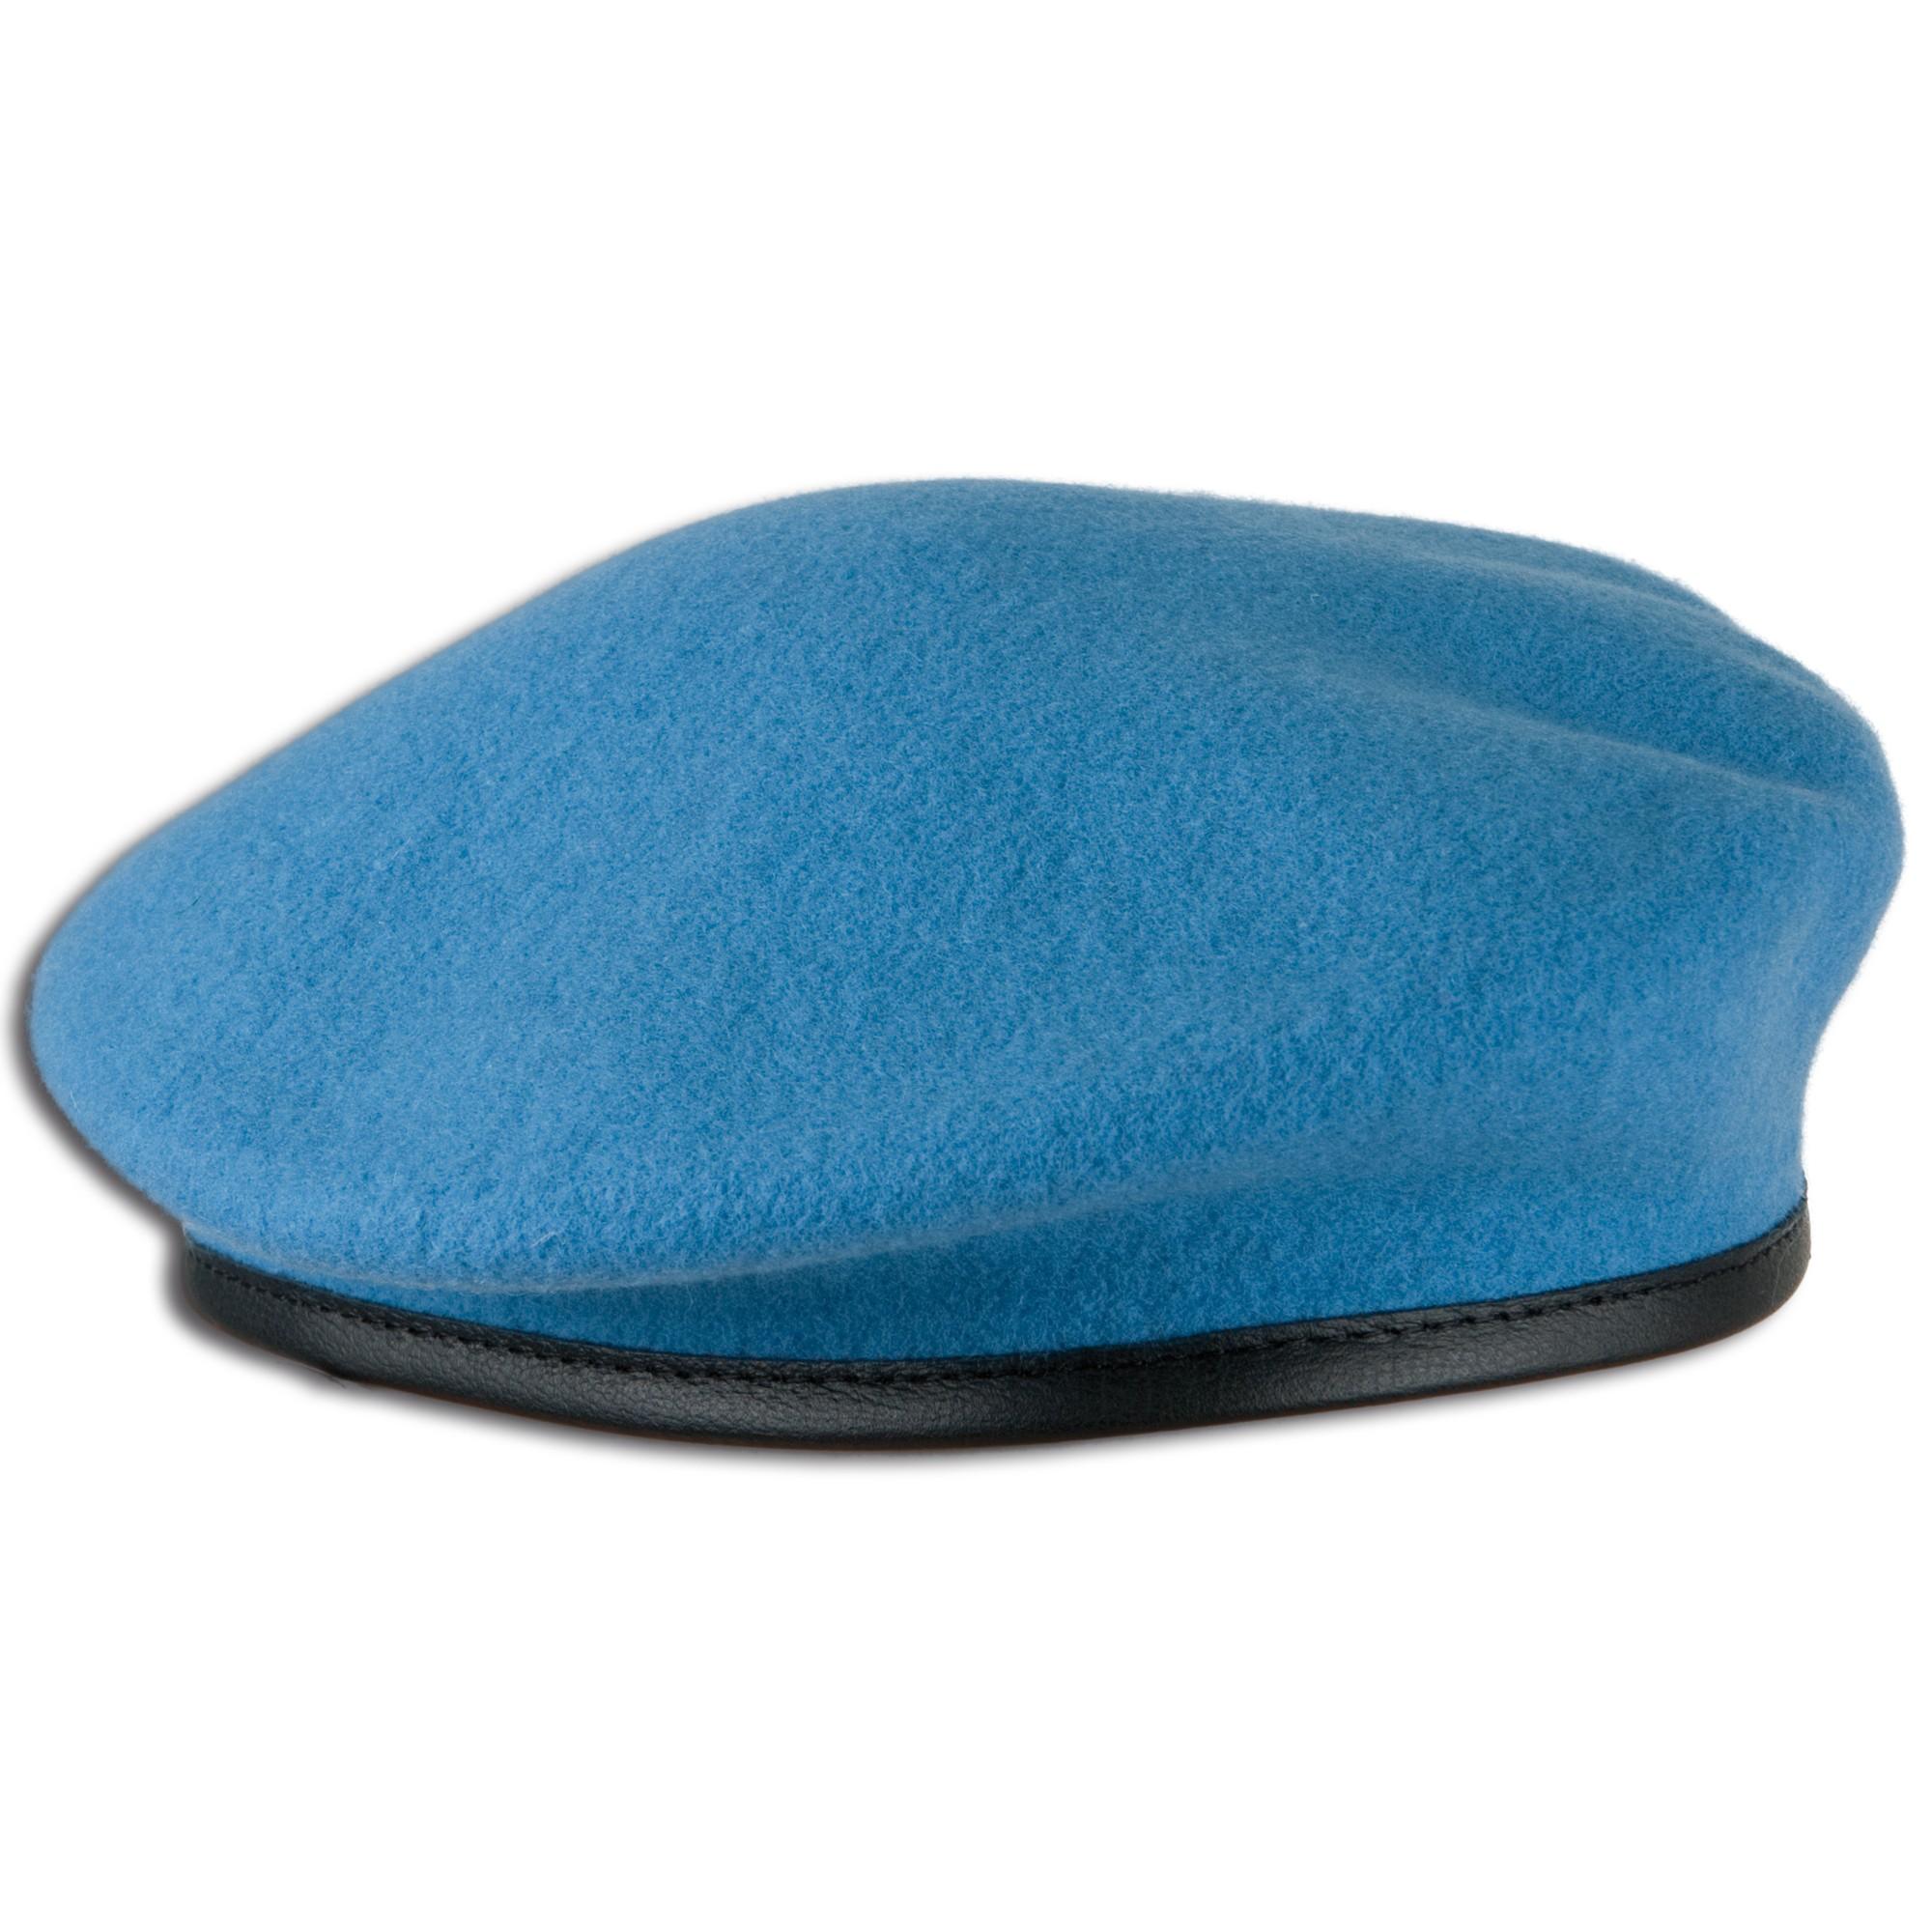 Commando Beret UN blue